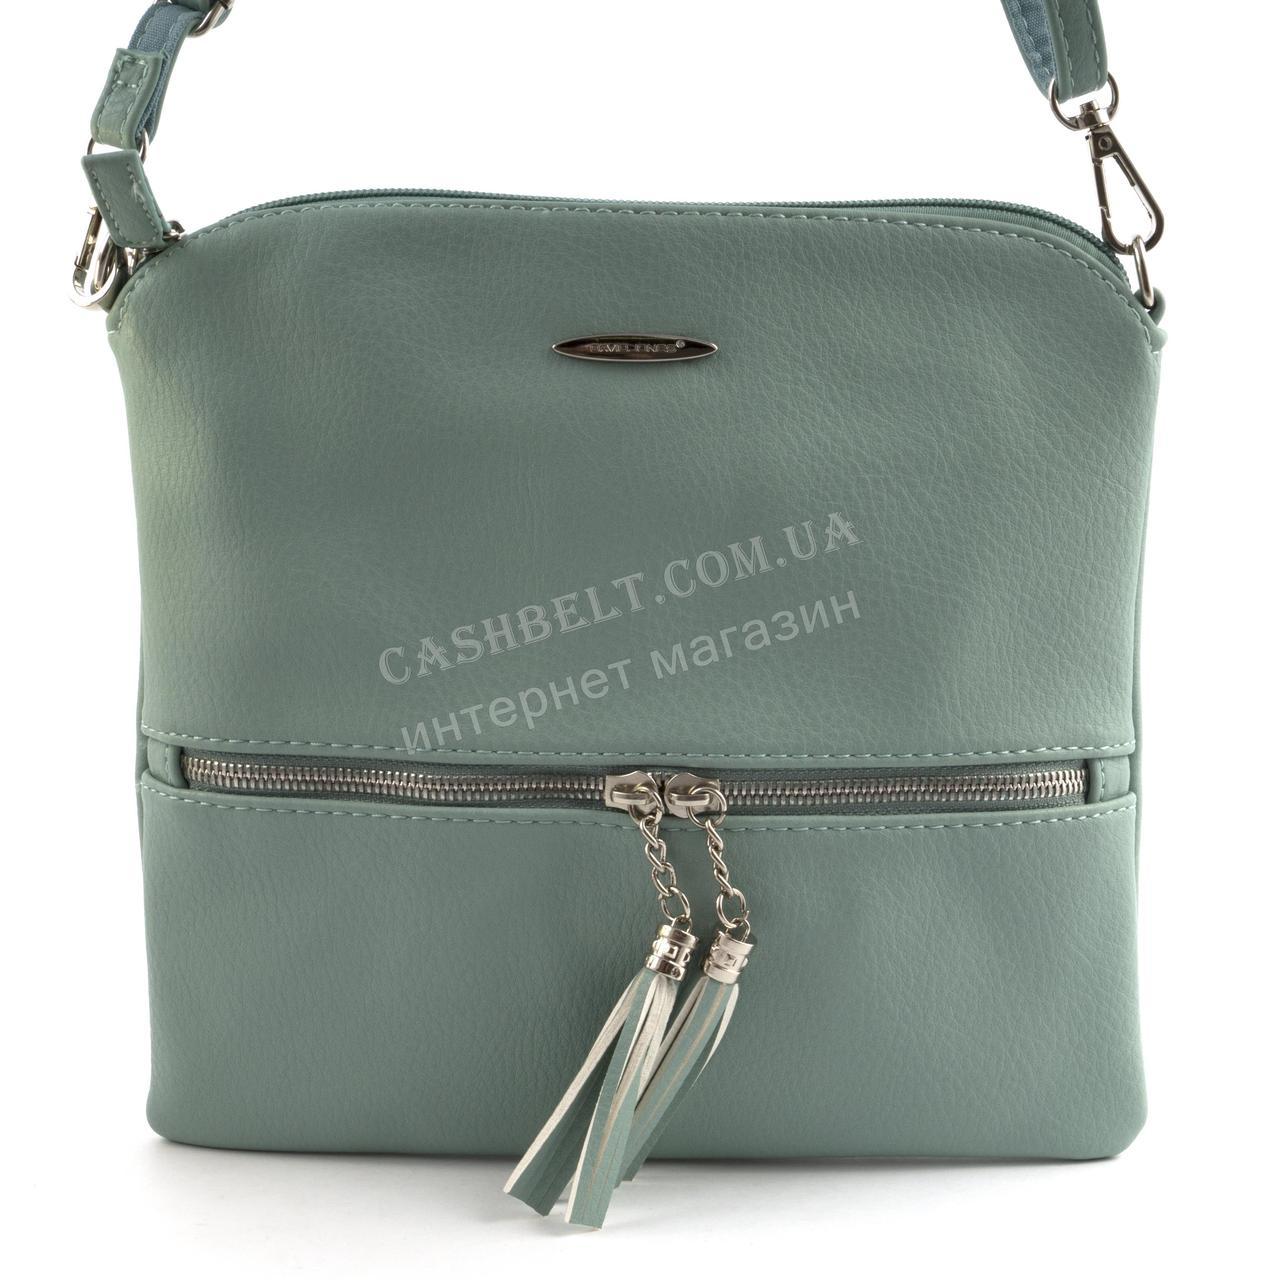 76a65a984a0c Оригинальный небольшая стильная женская сумка почтальонка DAVID JONES art.  CM3461 бирюзовая